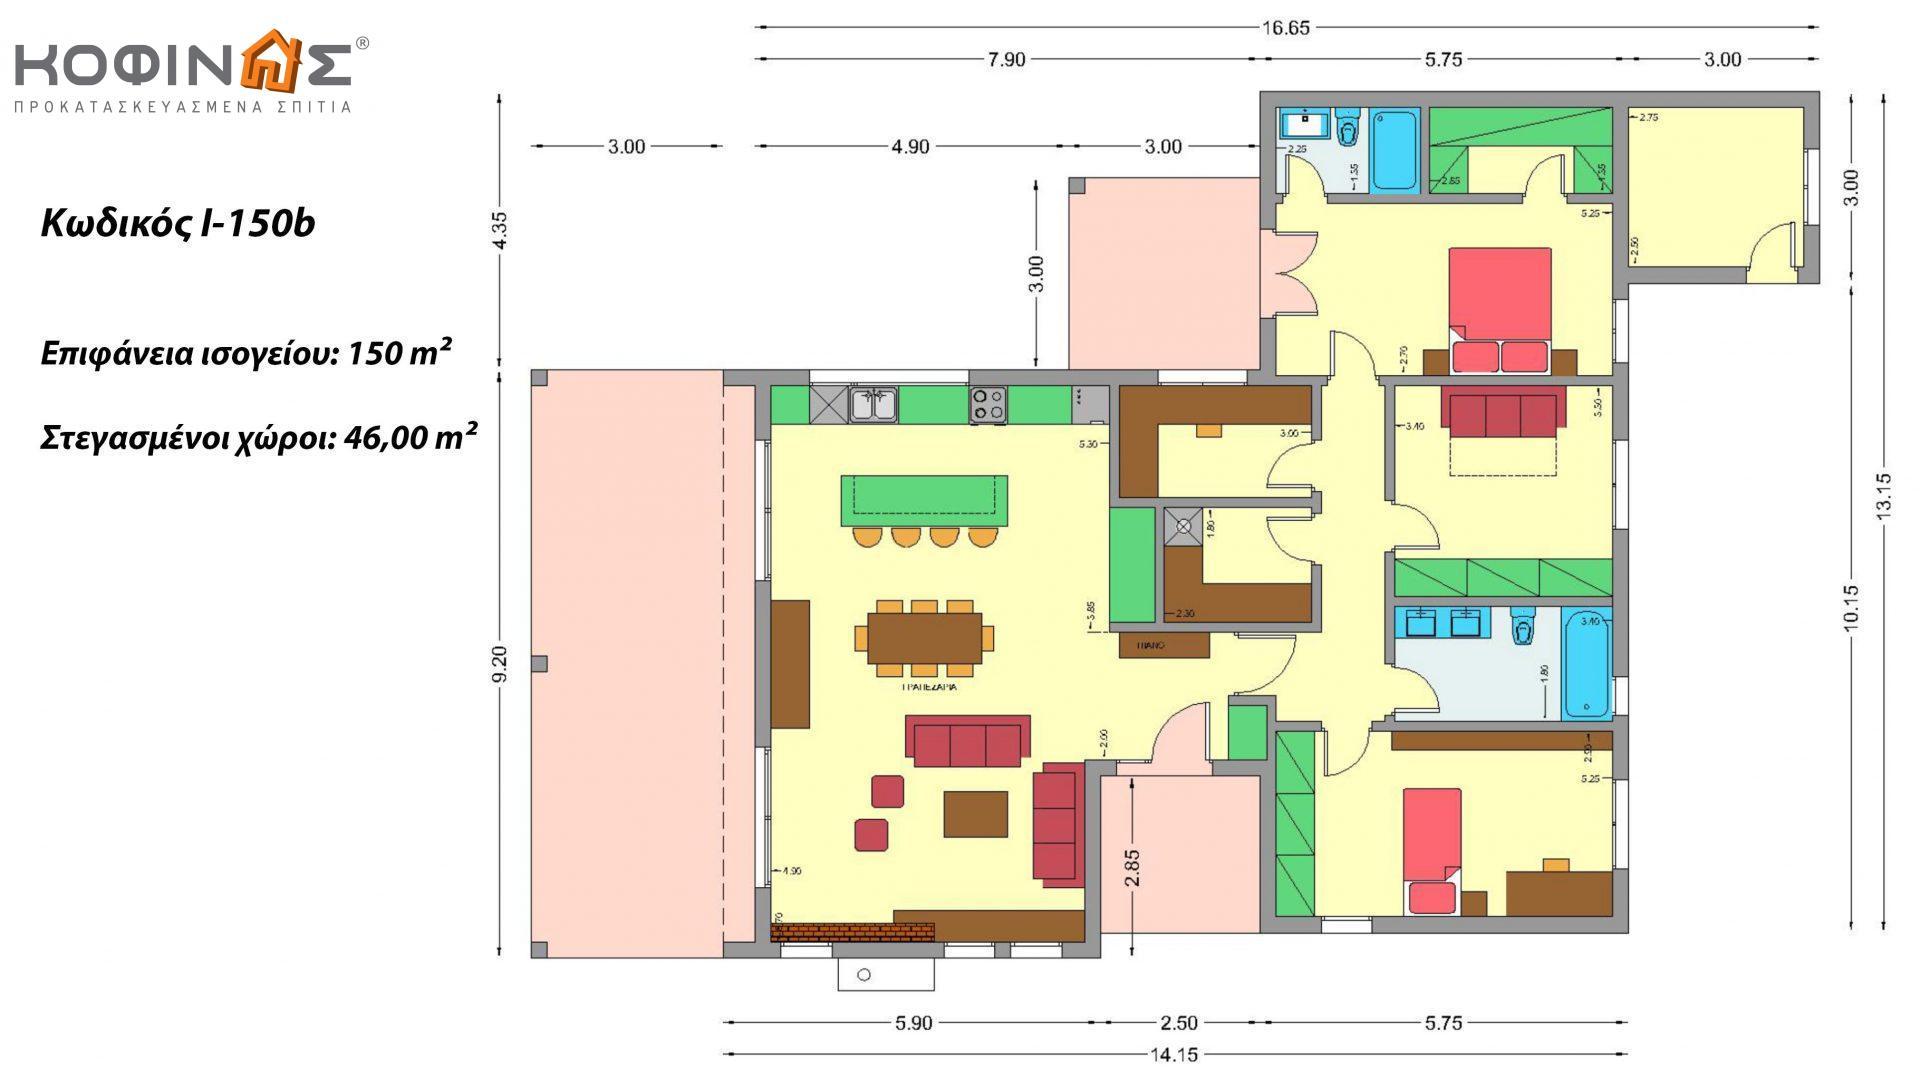 Ισόγεια Κατοικία I-150b, συνολικής επιφάνειας 150 τ.μ., στεγασμένοι χώροι 46,00 τ.μ.